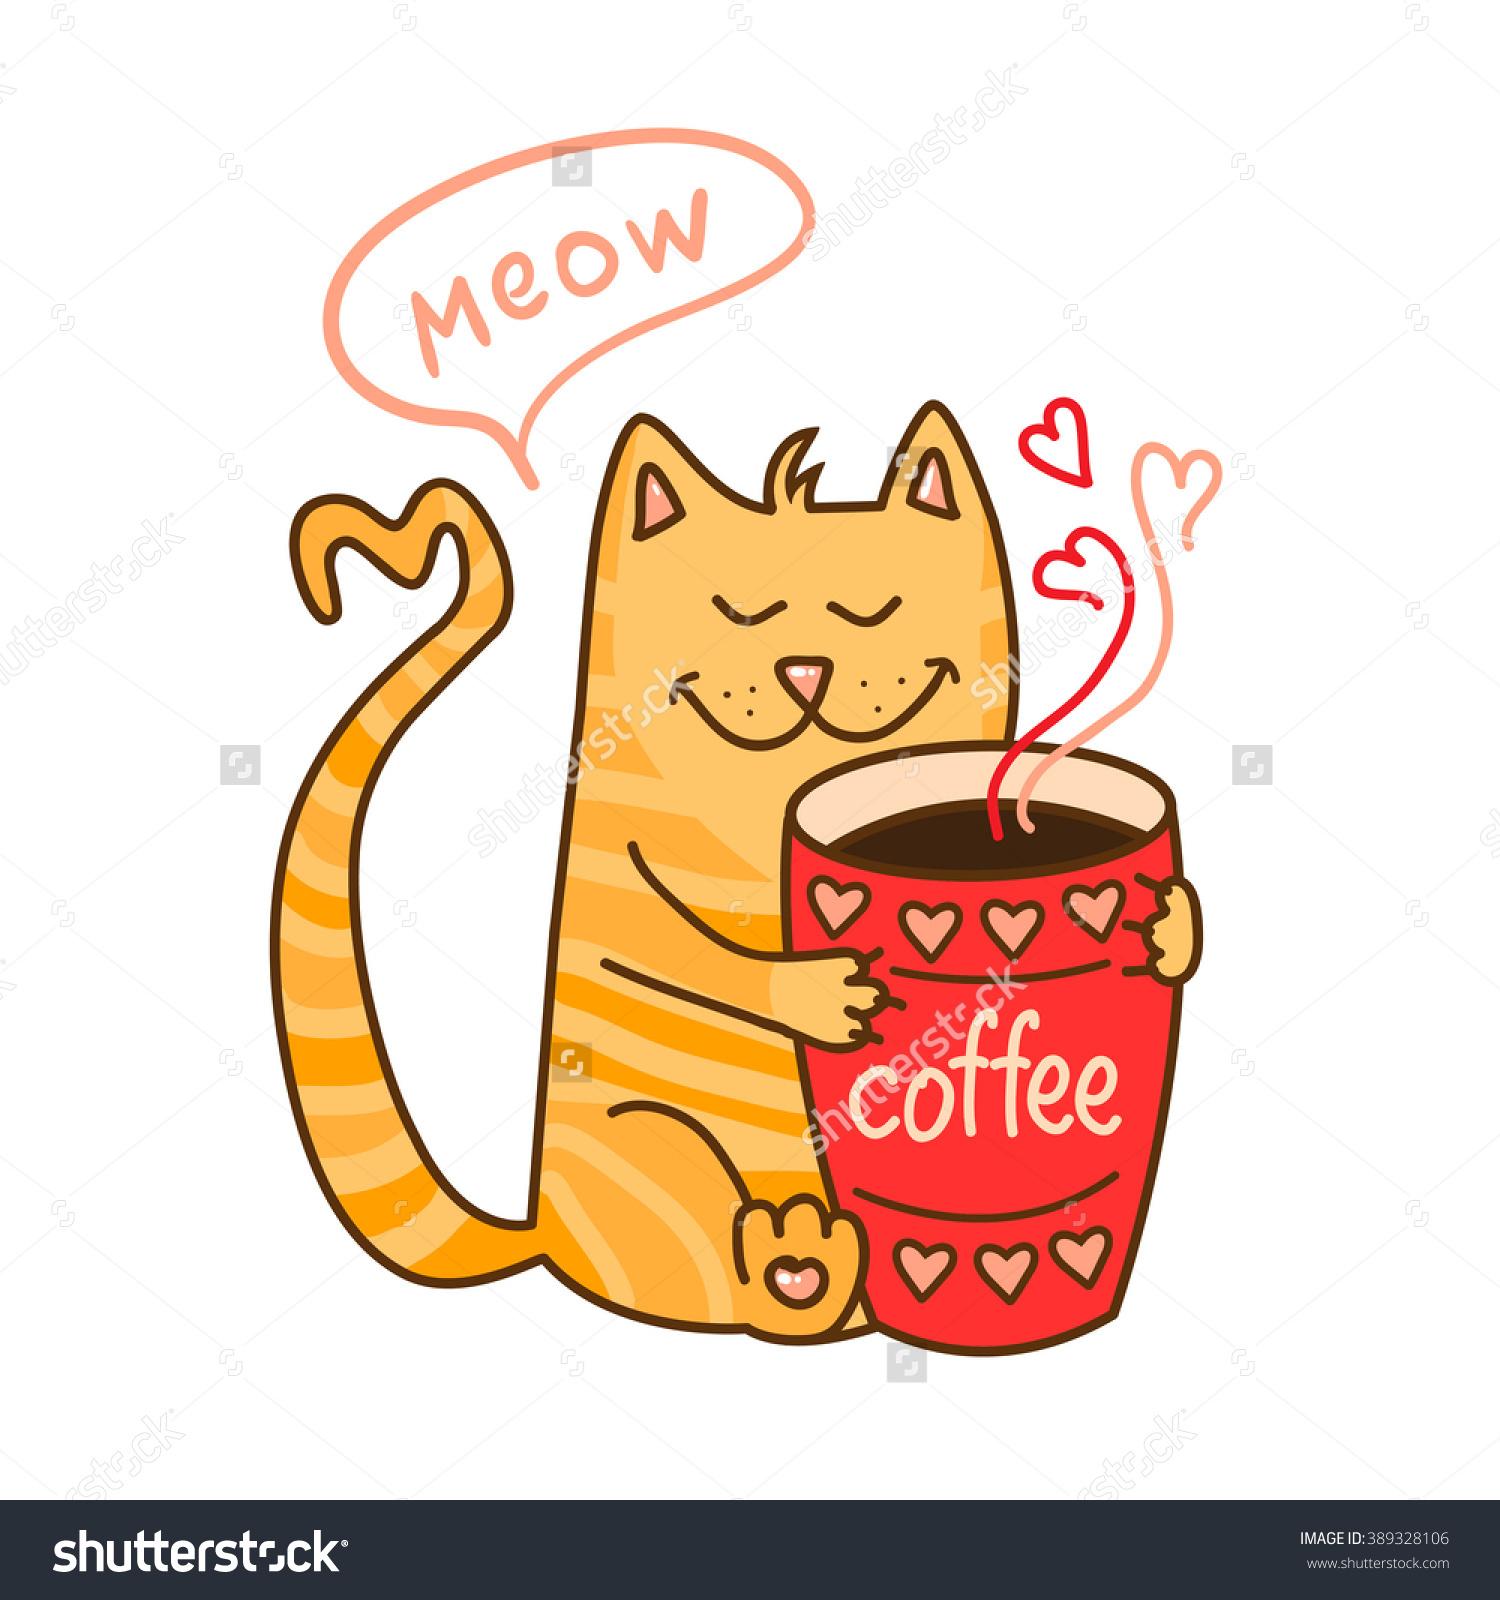 Coffee clipart cartoon Drawn Hand cute Cute clipart